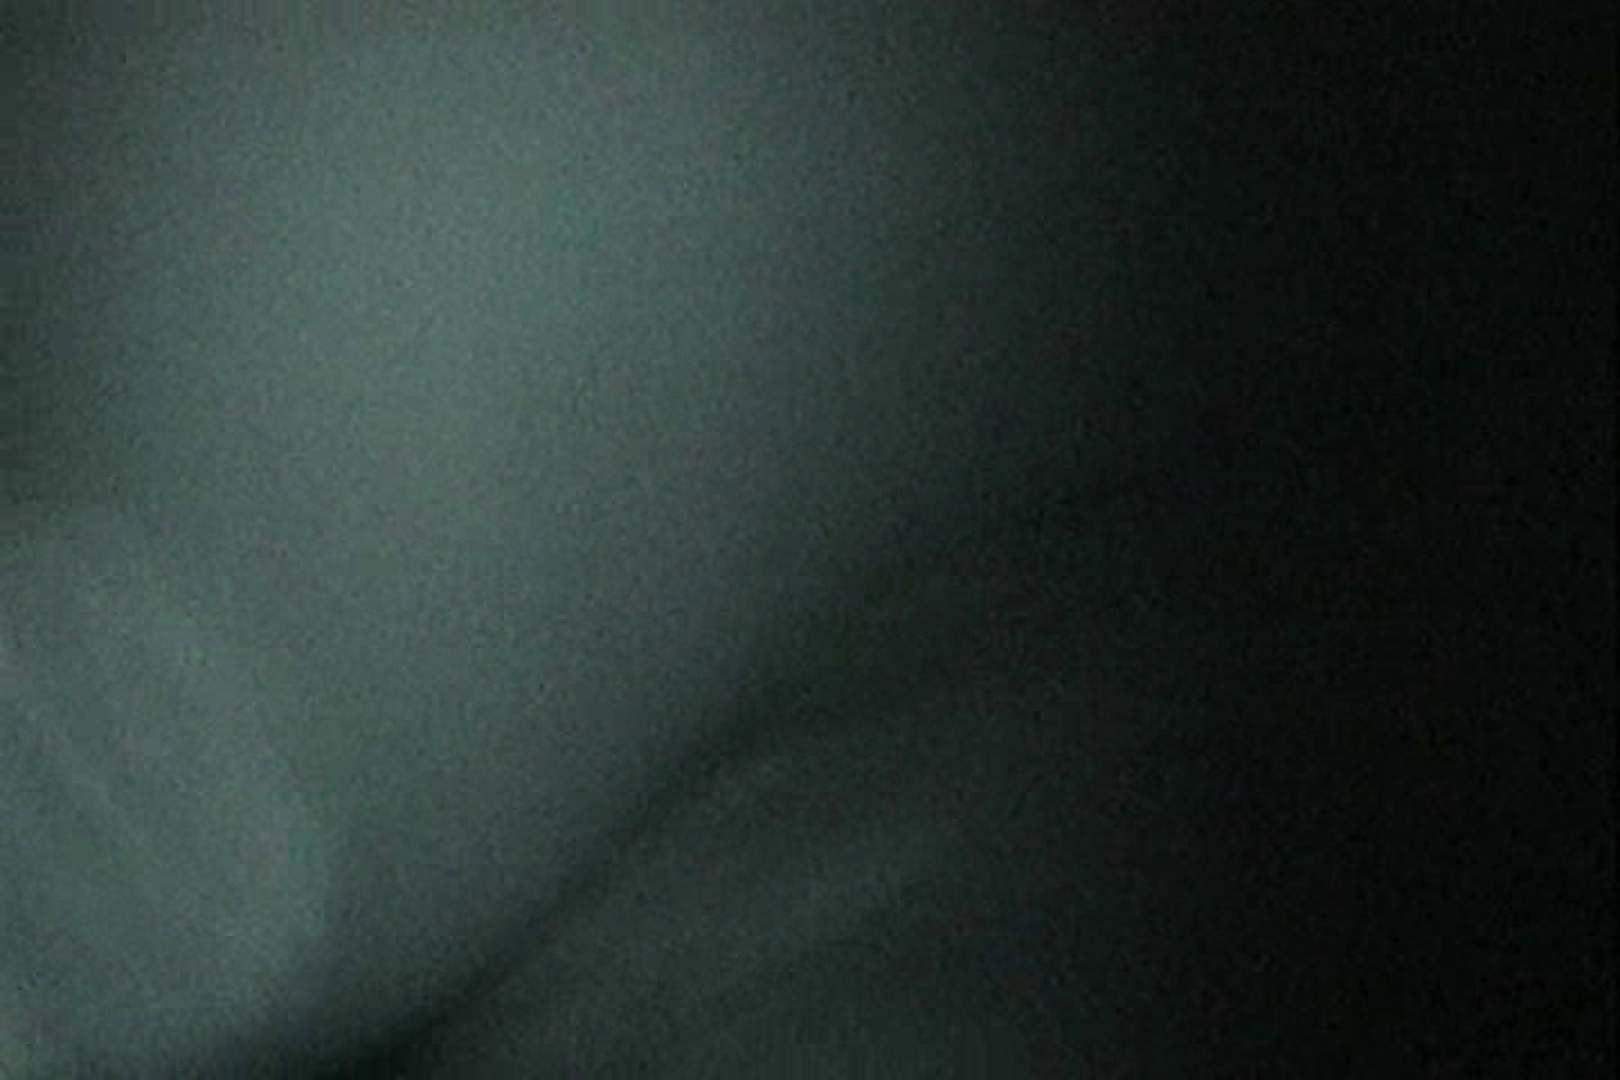 充血監督の深夜の運動会Vol.18 セックス ヌード画像 109pic 11